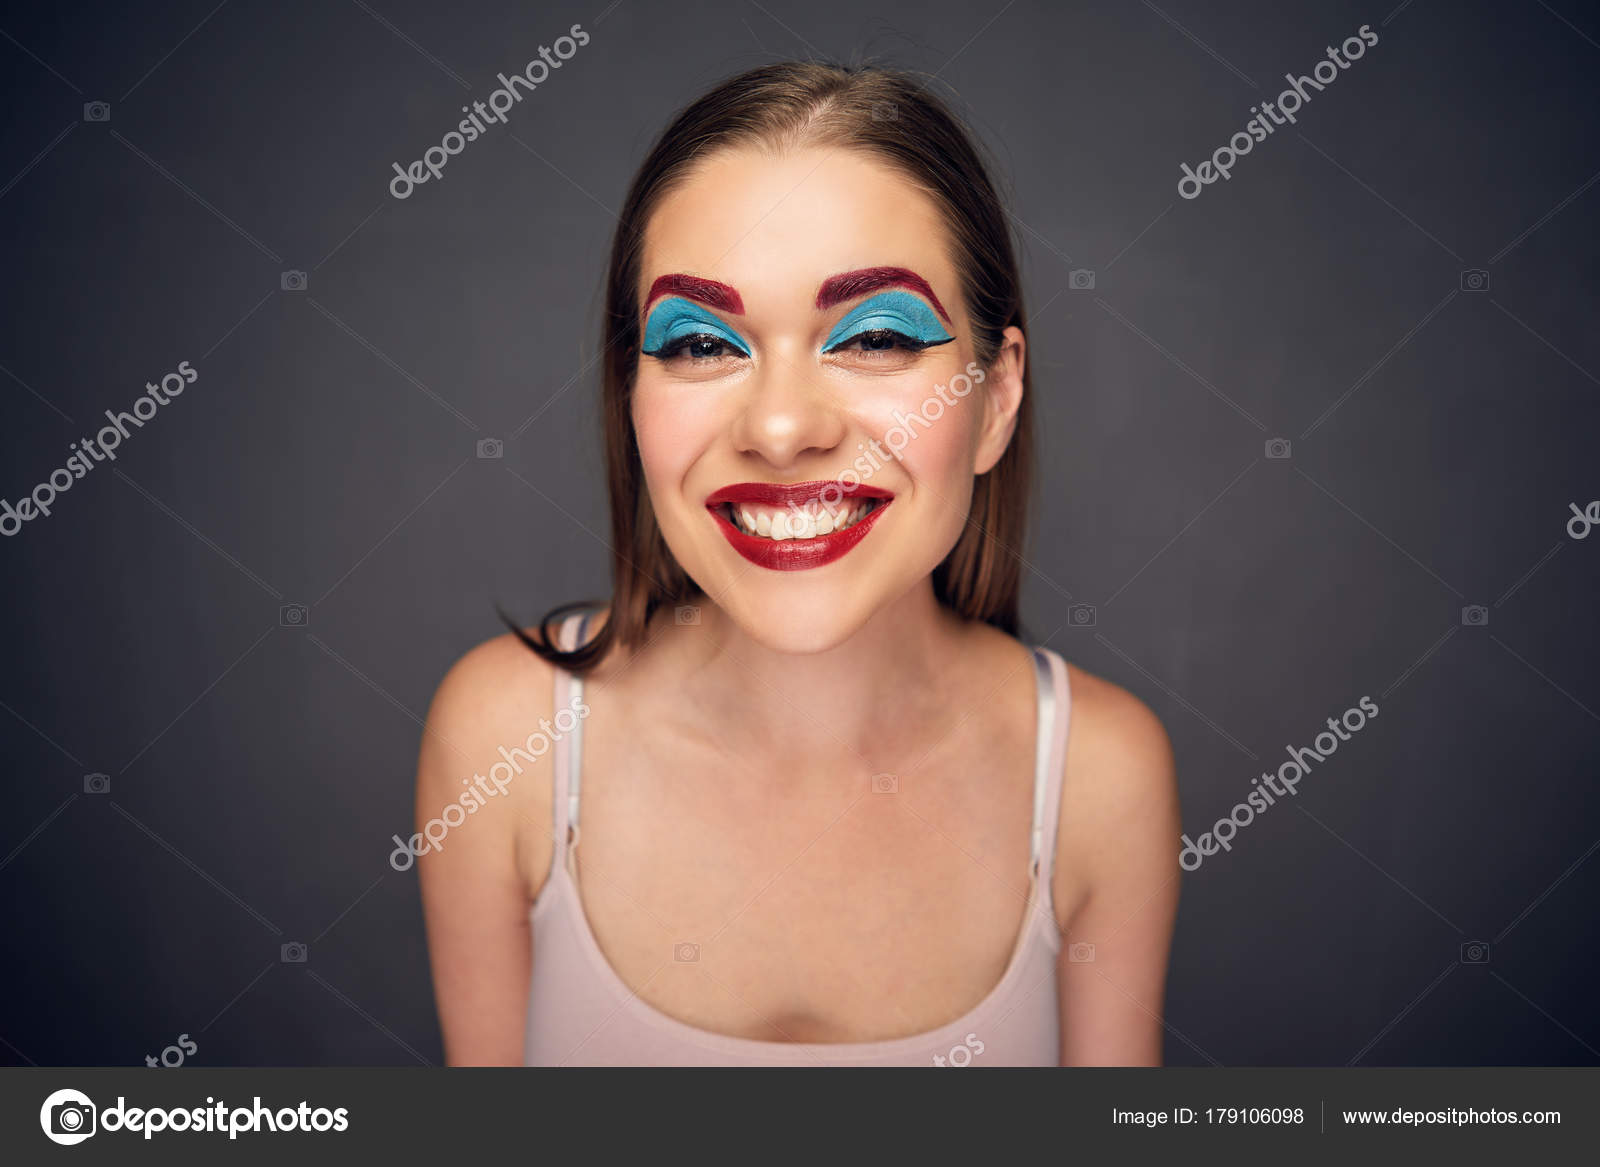 crazy makeup artist clown worst makeup woman mistake concept stock